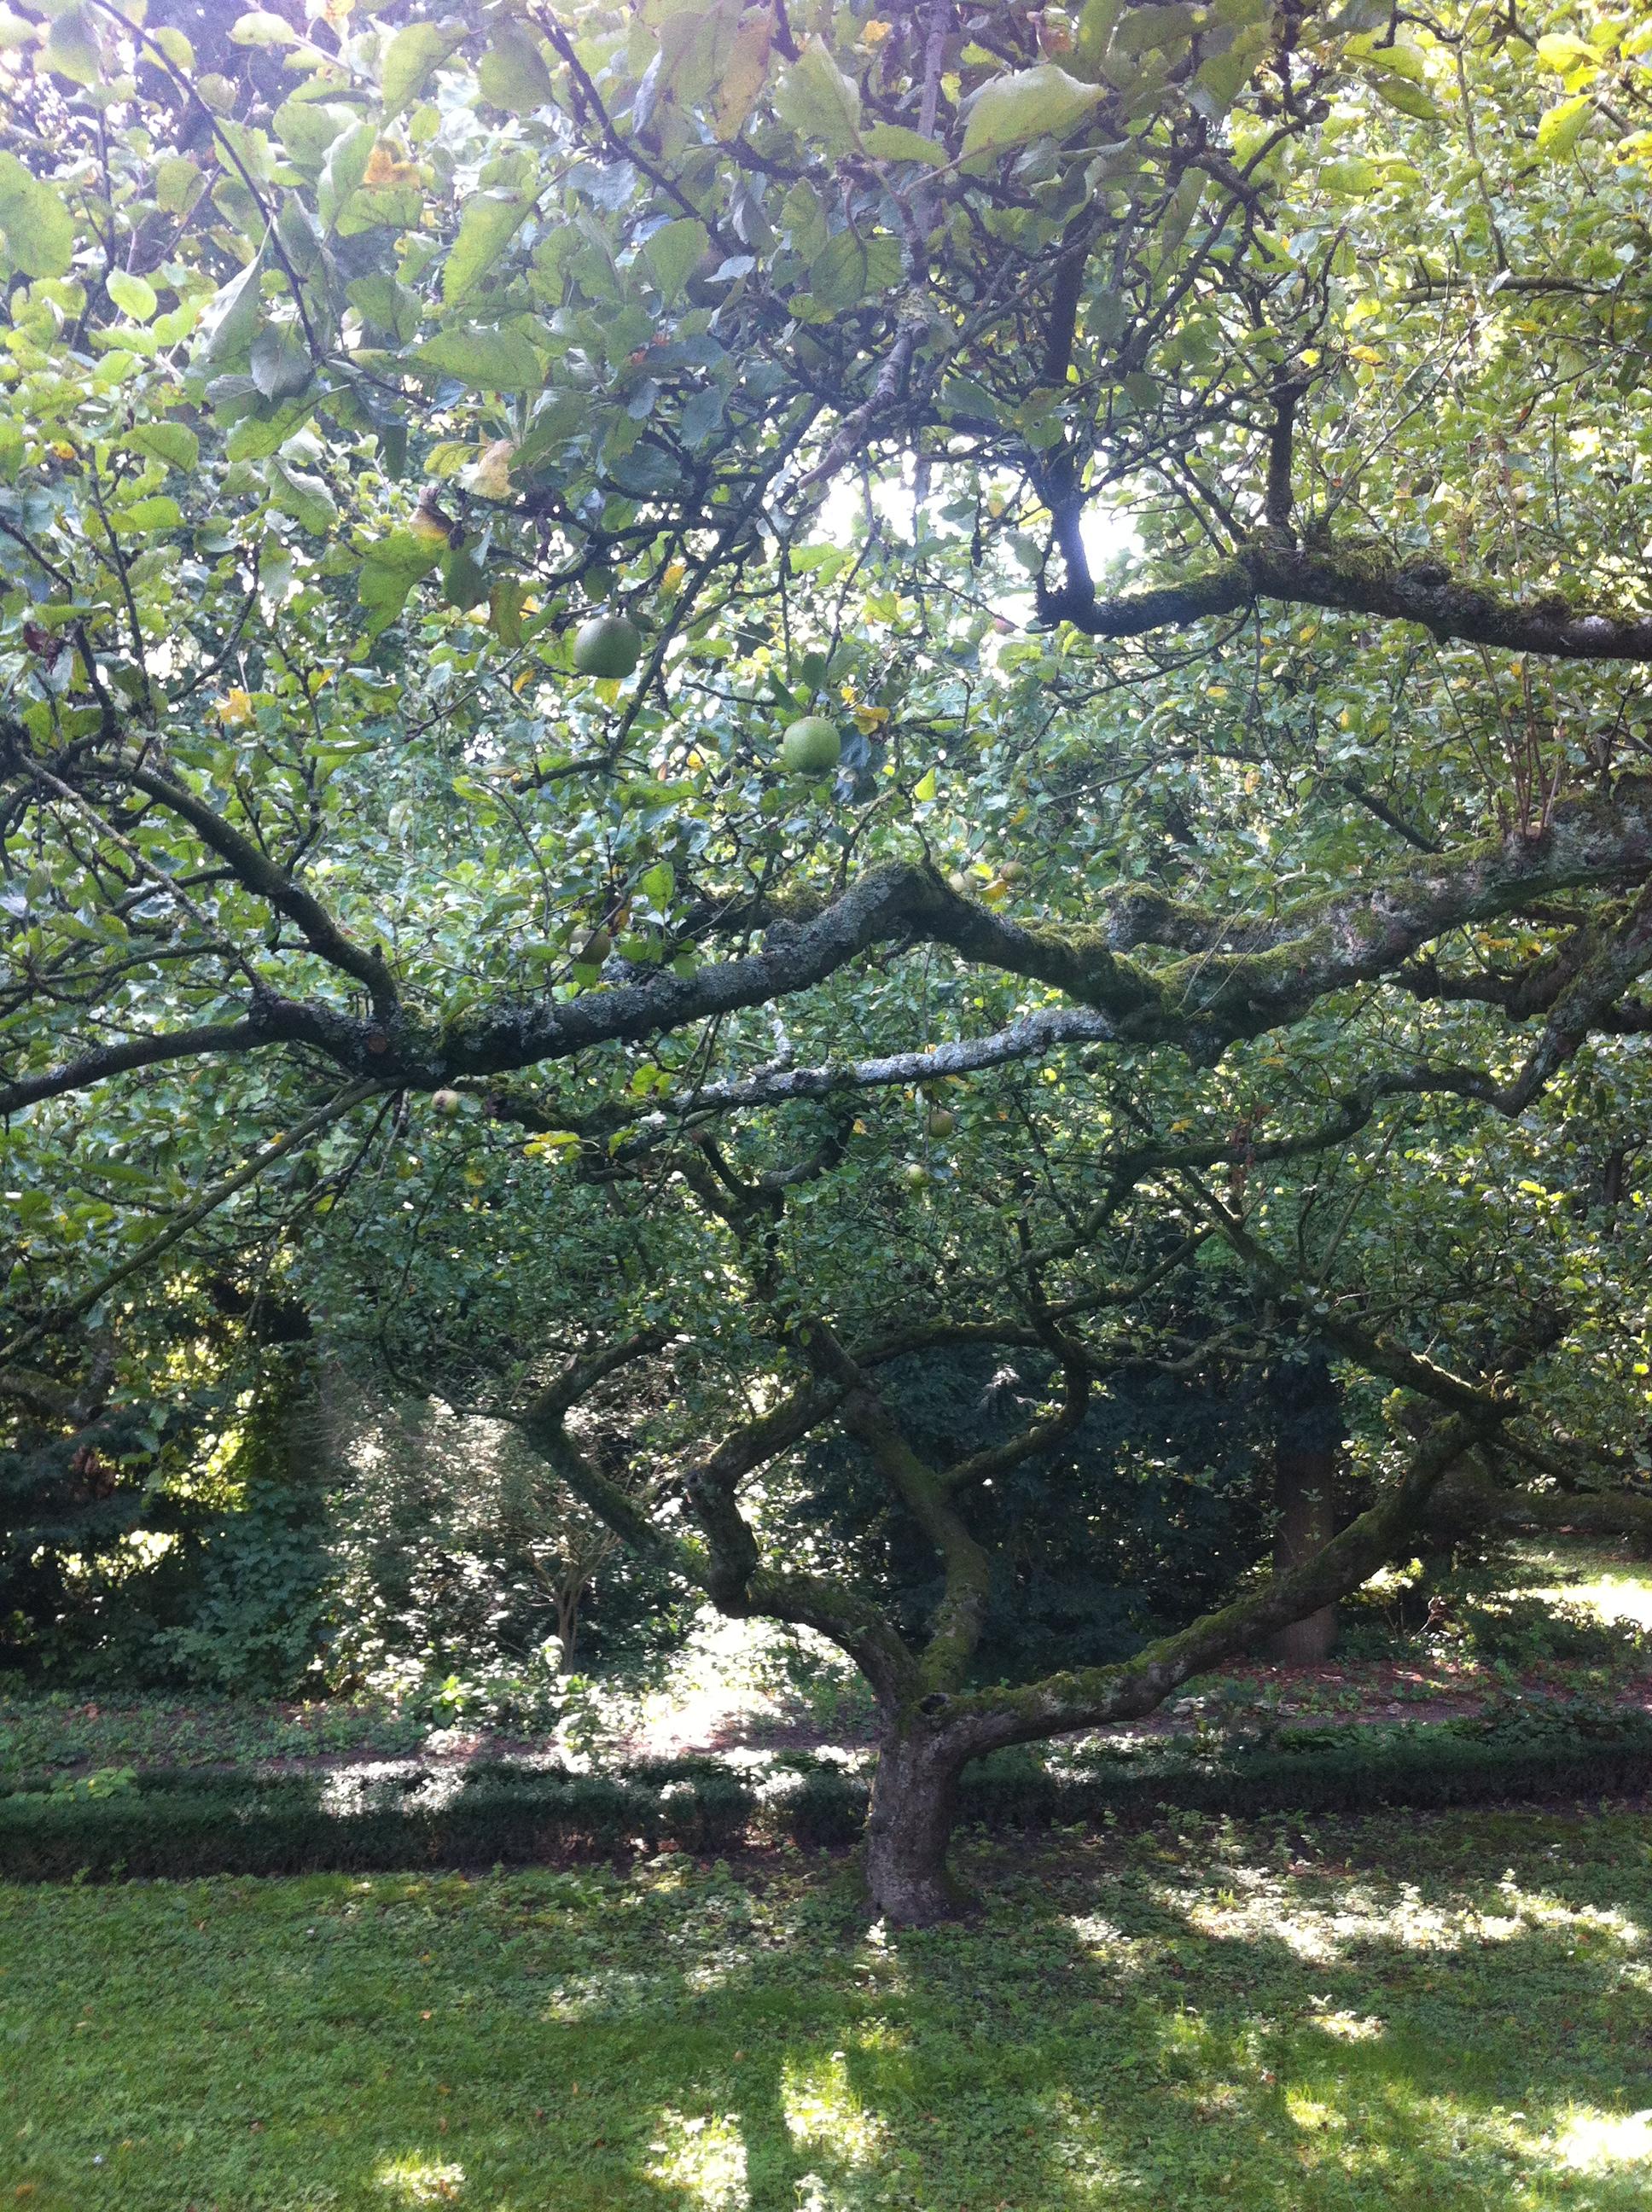 Ik heb de stam van een van de bomen uit de historische appelboomgaard van Slot Zuylen gebruikt